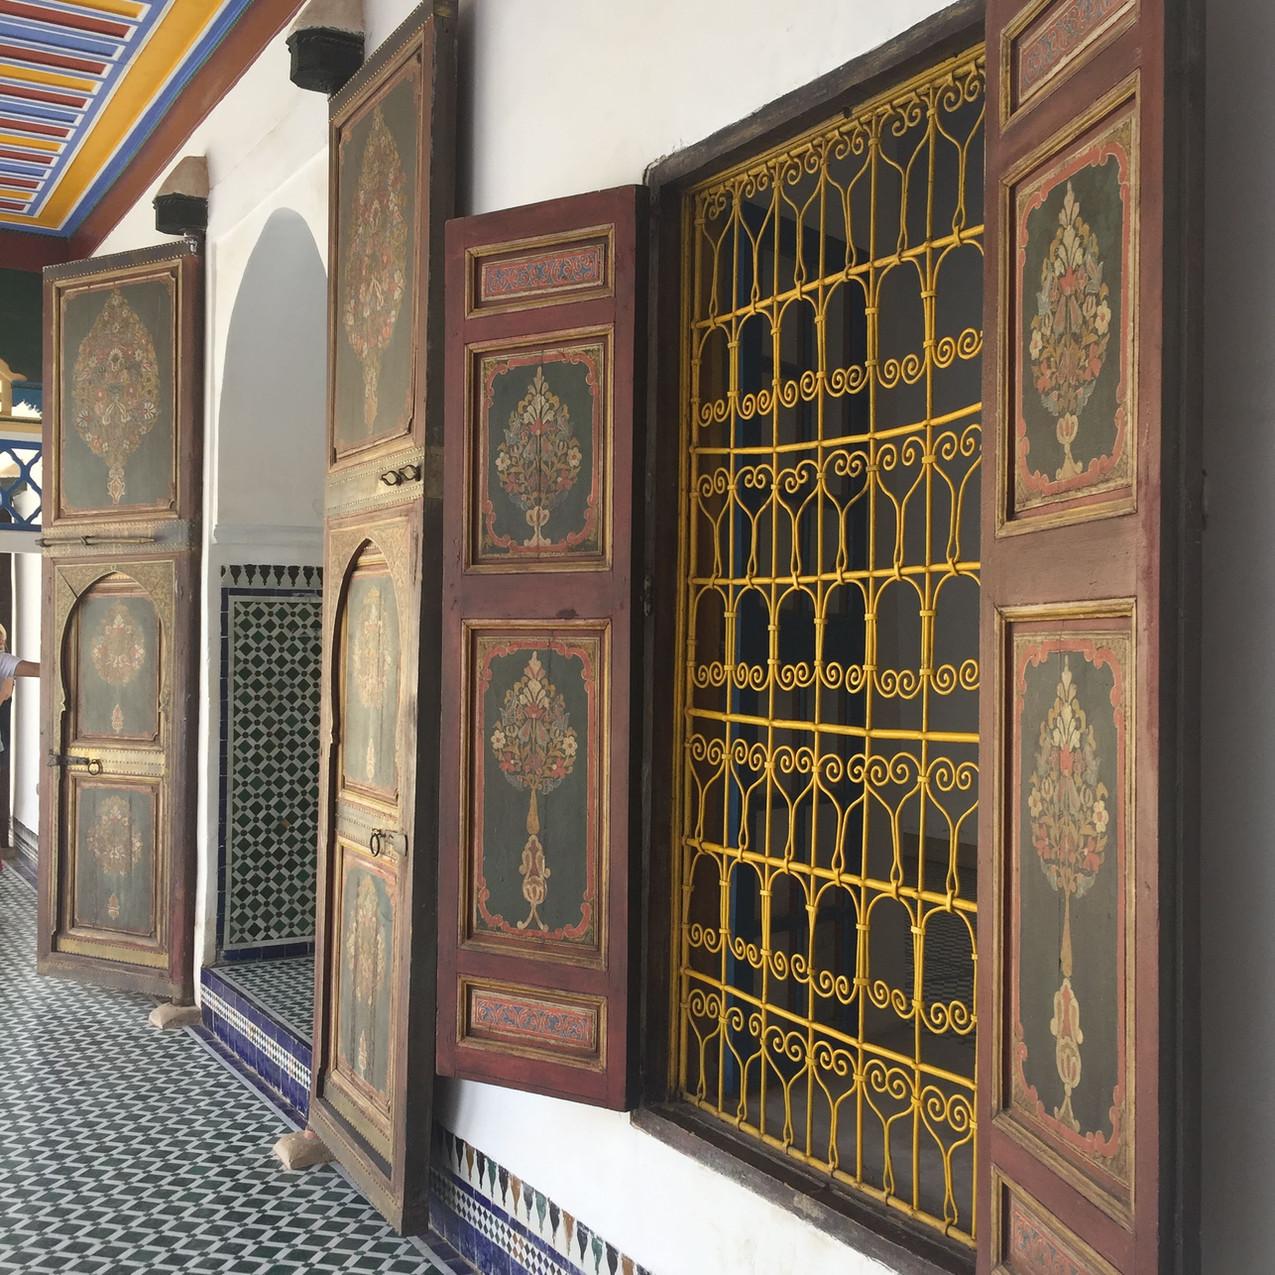 Palazzo El Bahia, Marrakech